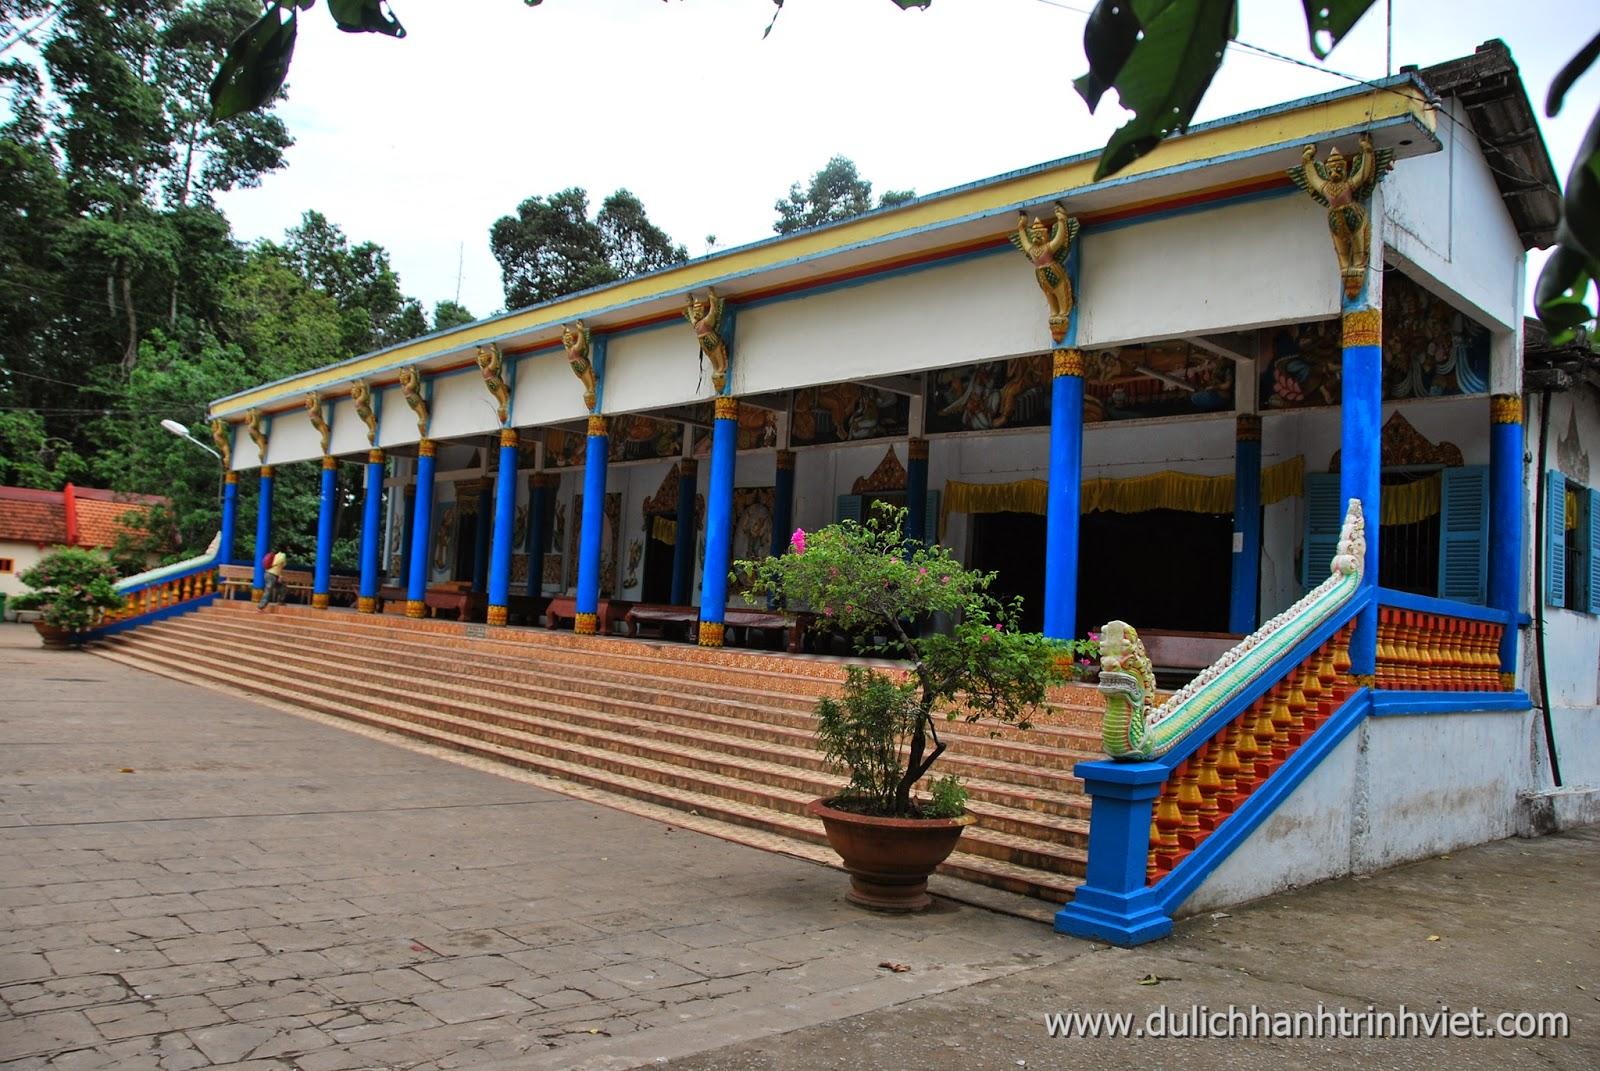 Tham quan chùa Dơi ở Sóc Trăng 2014